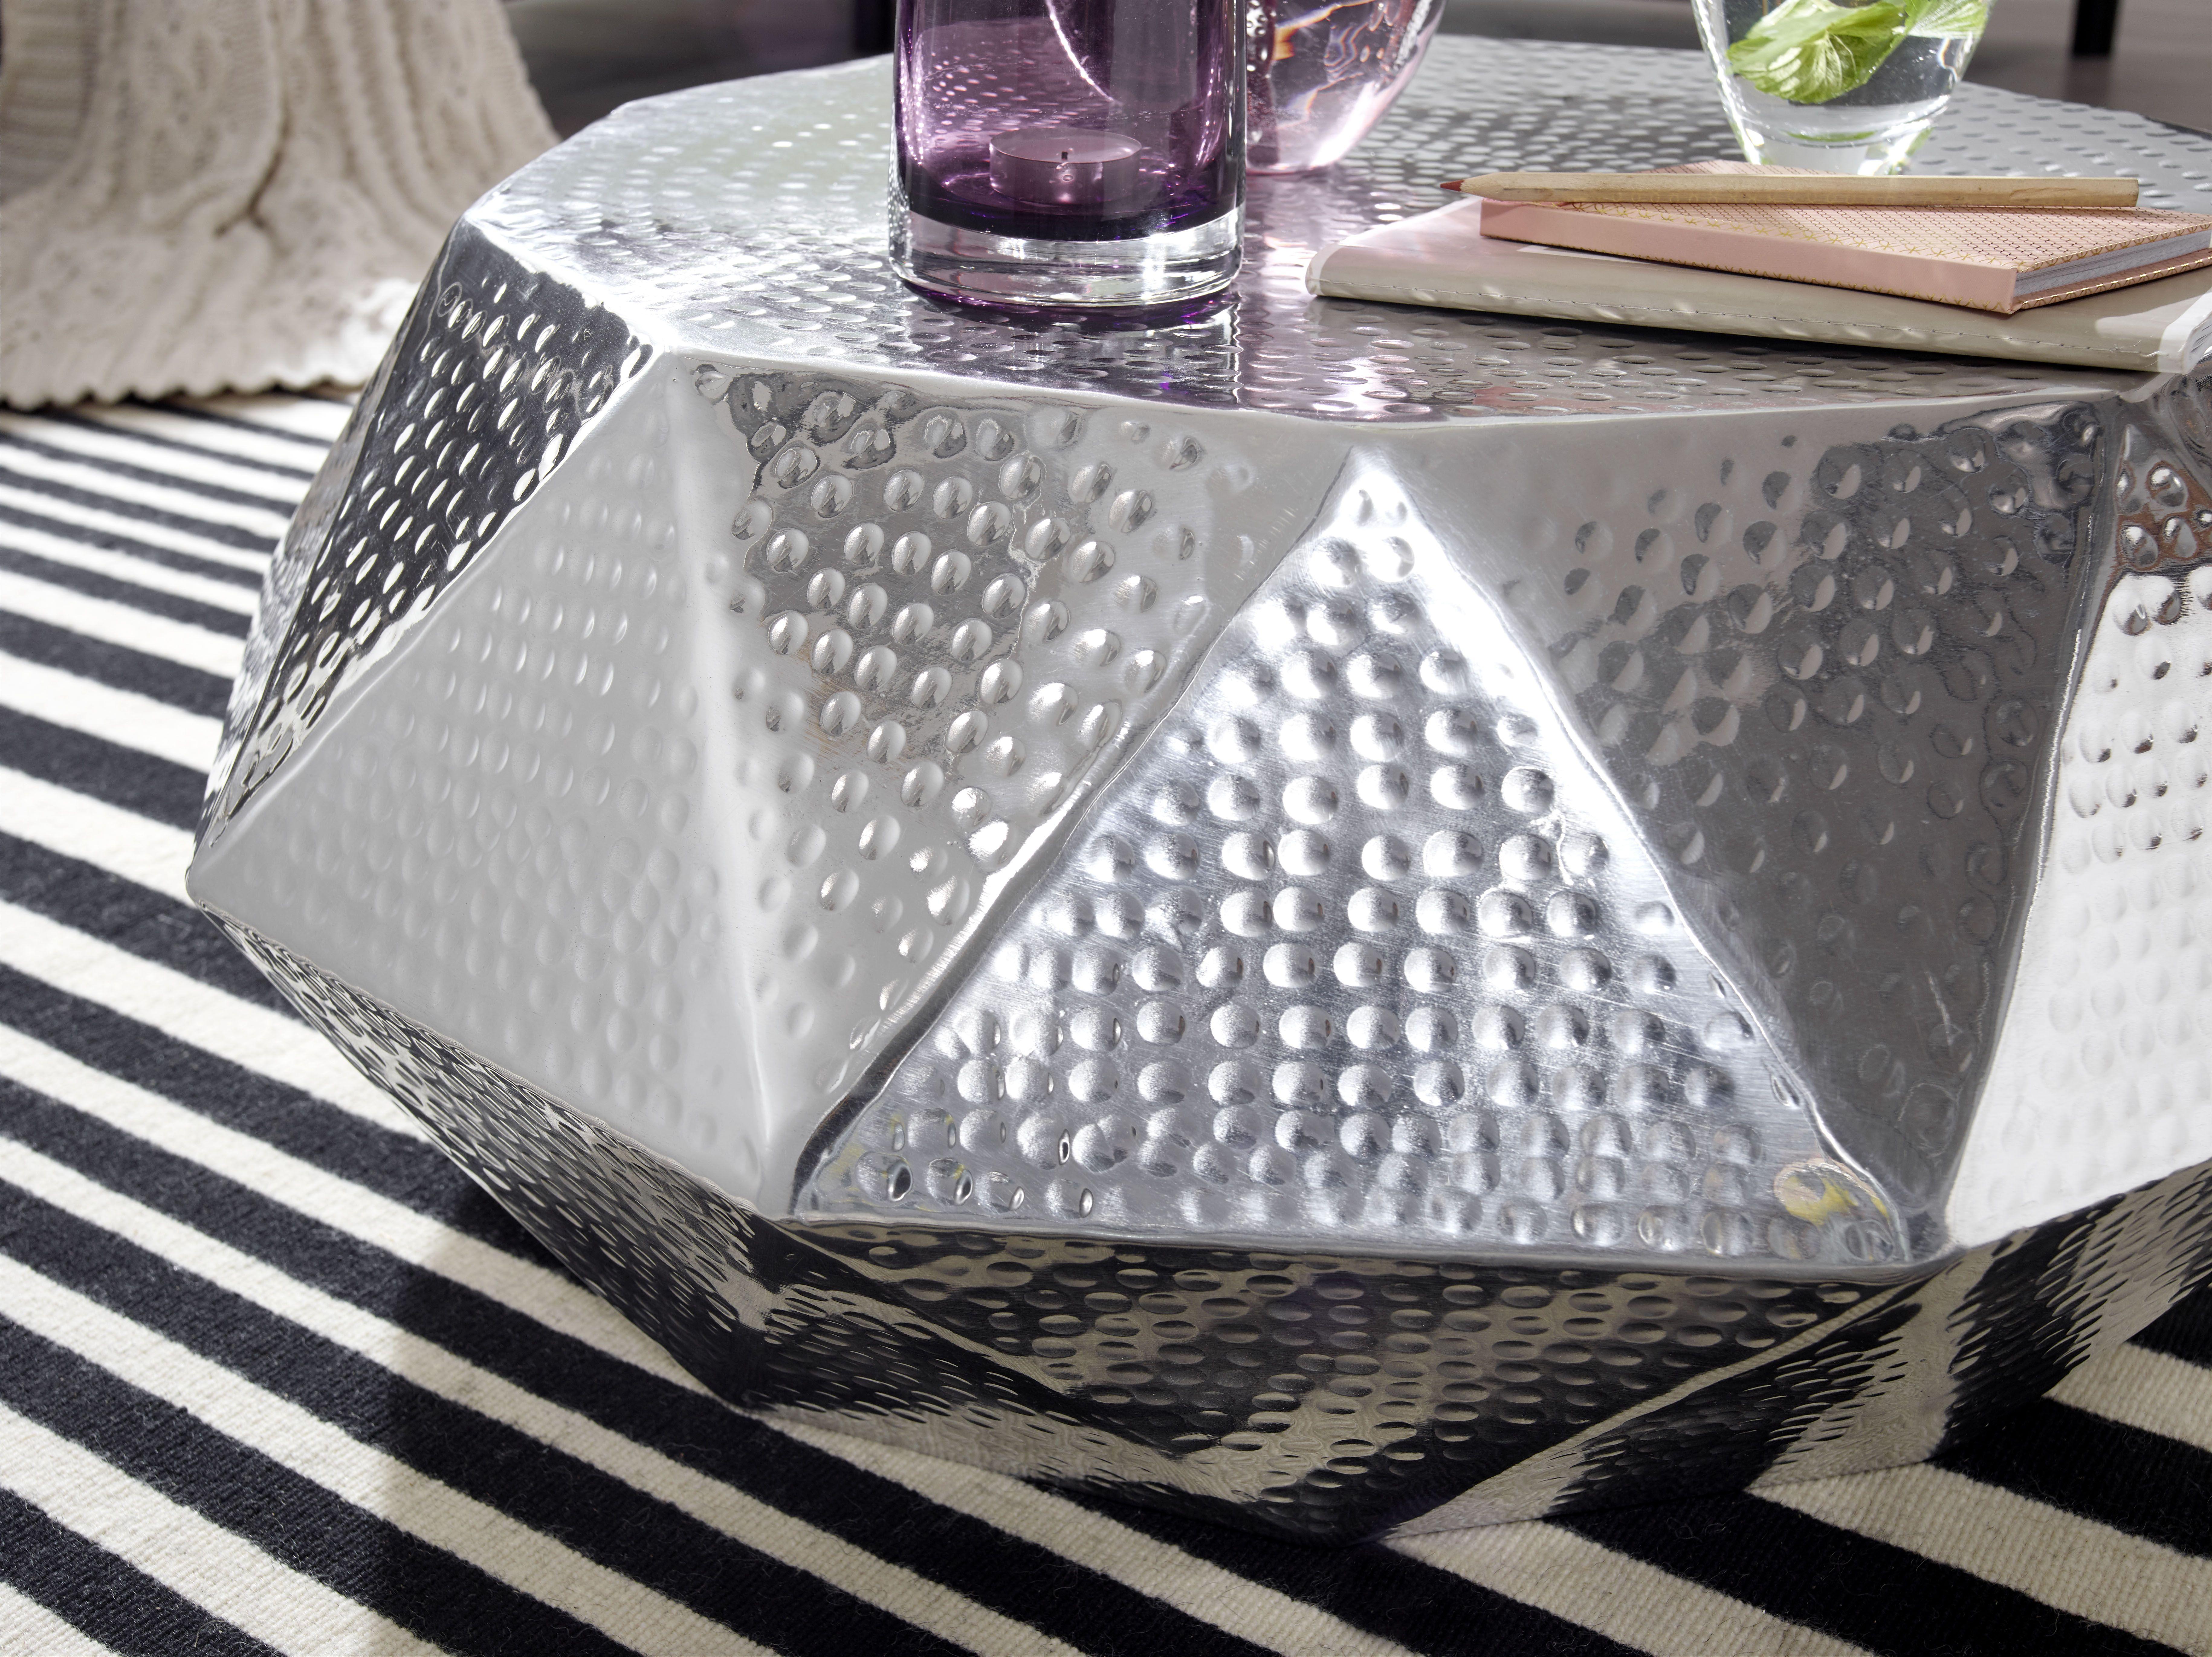 Wohnling Couchtisch Diamant Silber Wl5 508 Aus Aluminium Silber Metall Wohnidee Dekoration Ablage Wohnen Wohnzimmer Beistelltische Aluminium Silber